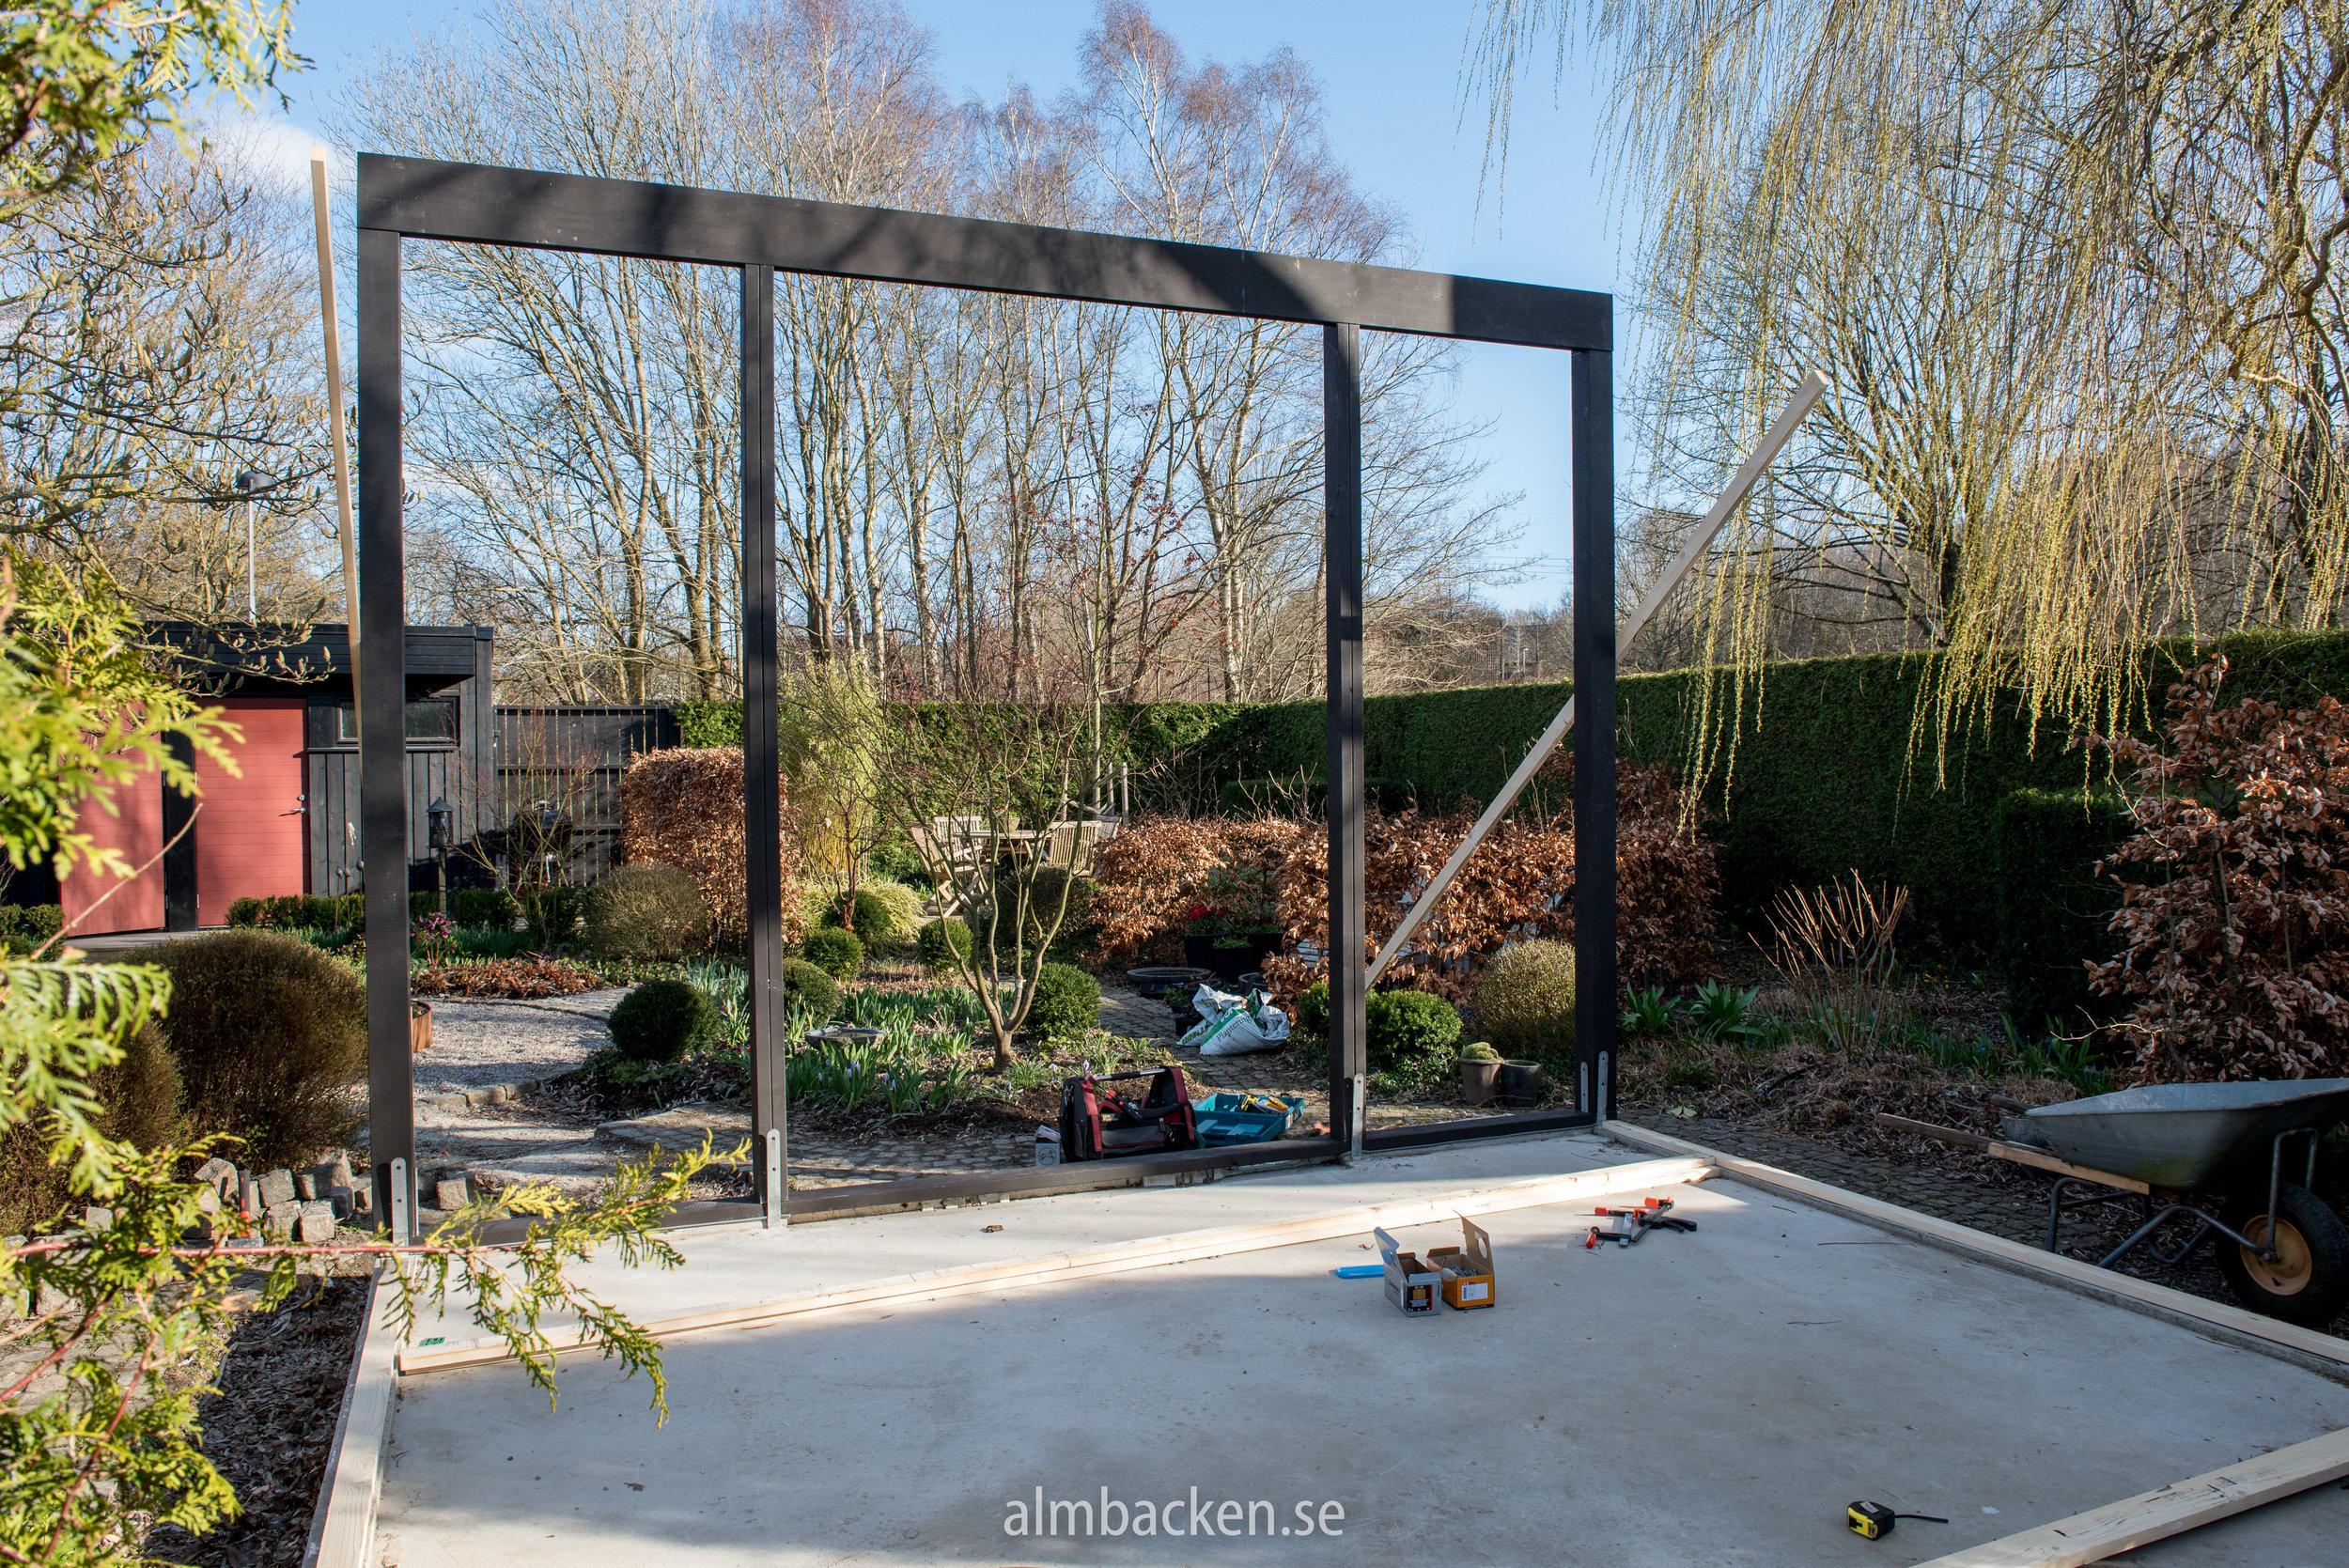 växthusbygge-växthus-almbacken-tradgardsdesign.jpg